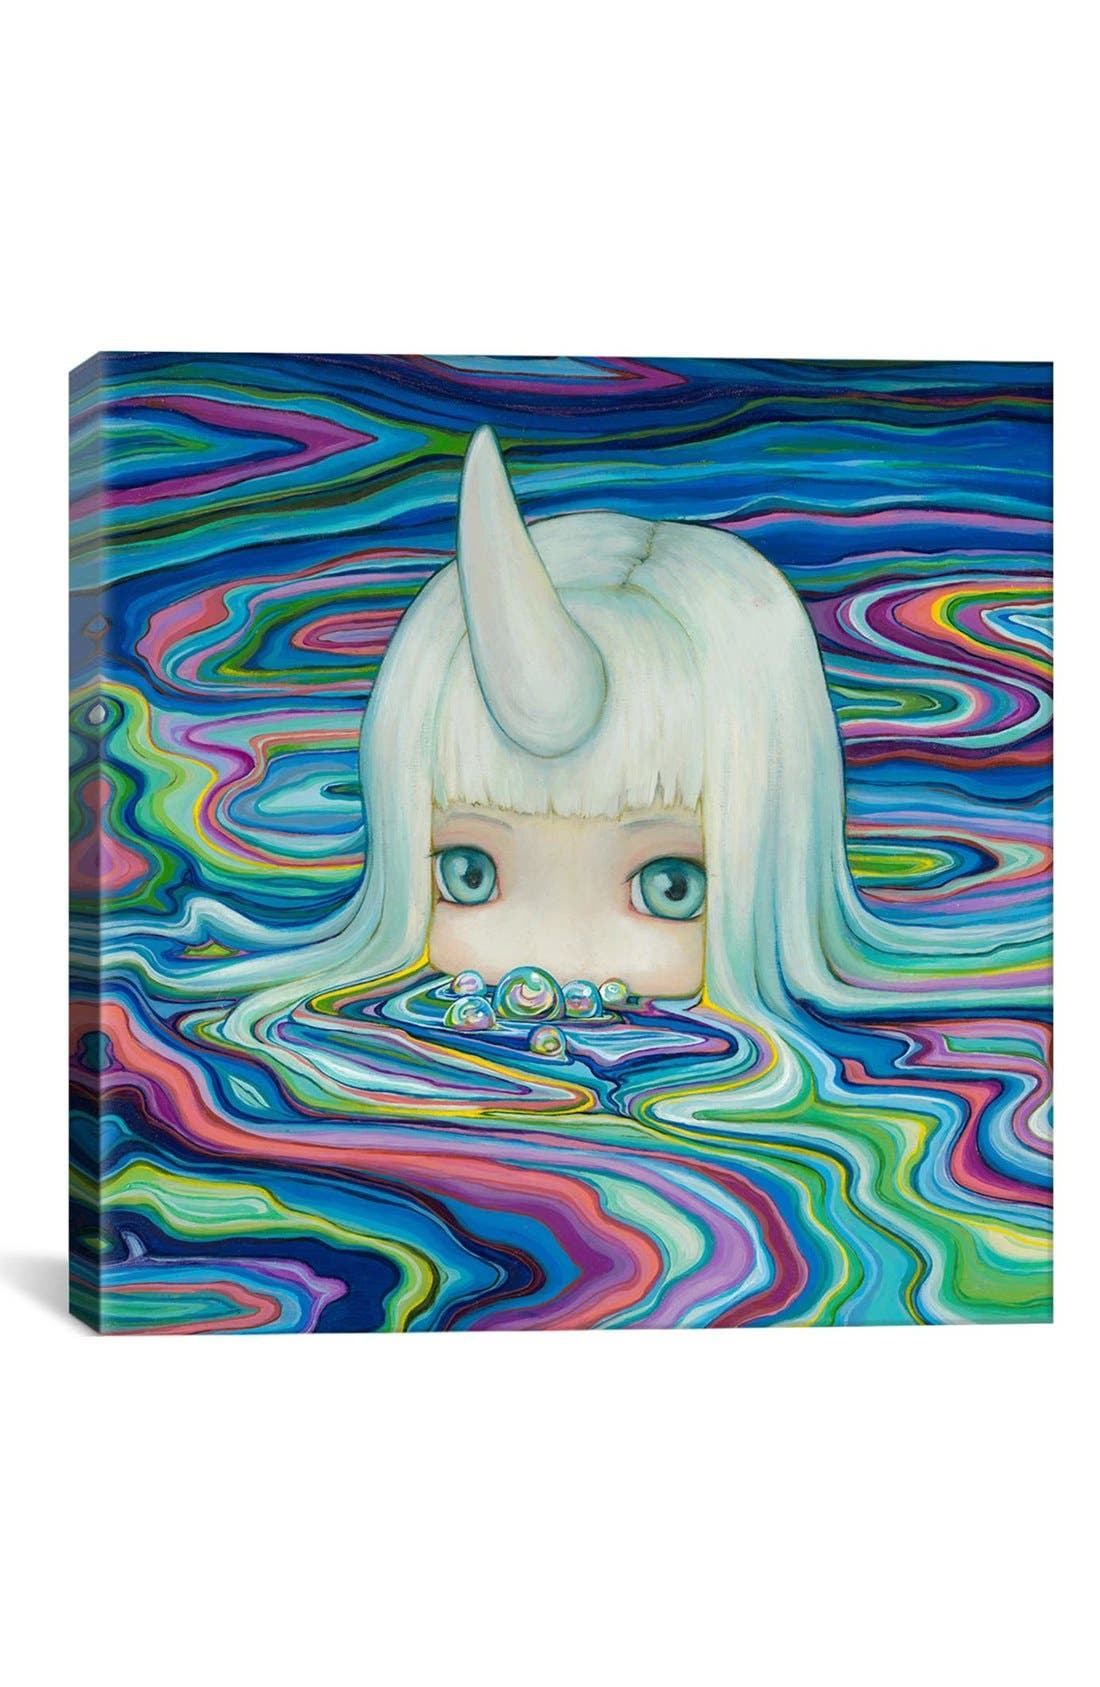 'Bubs - Camilla Derrico' Giclée Print Canvas Art,                             Main thumbnail 1, color,                             Blue/ Multi